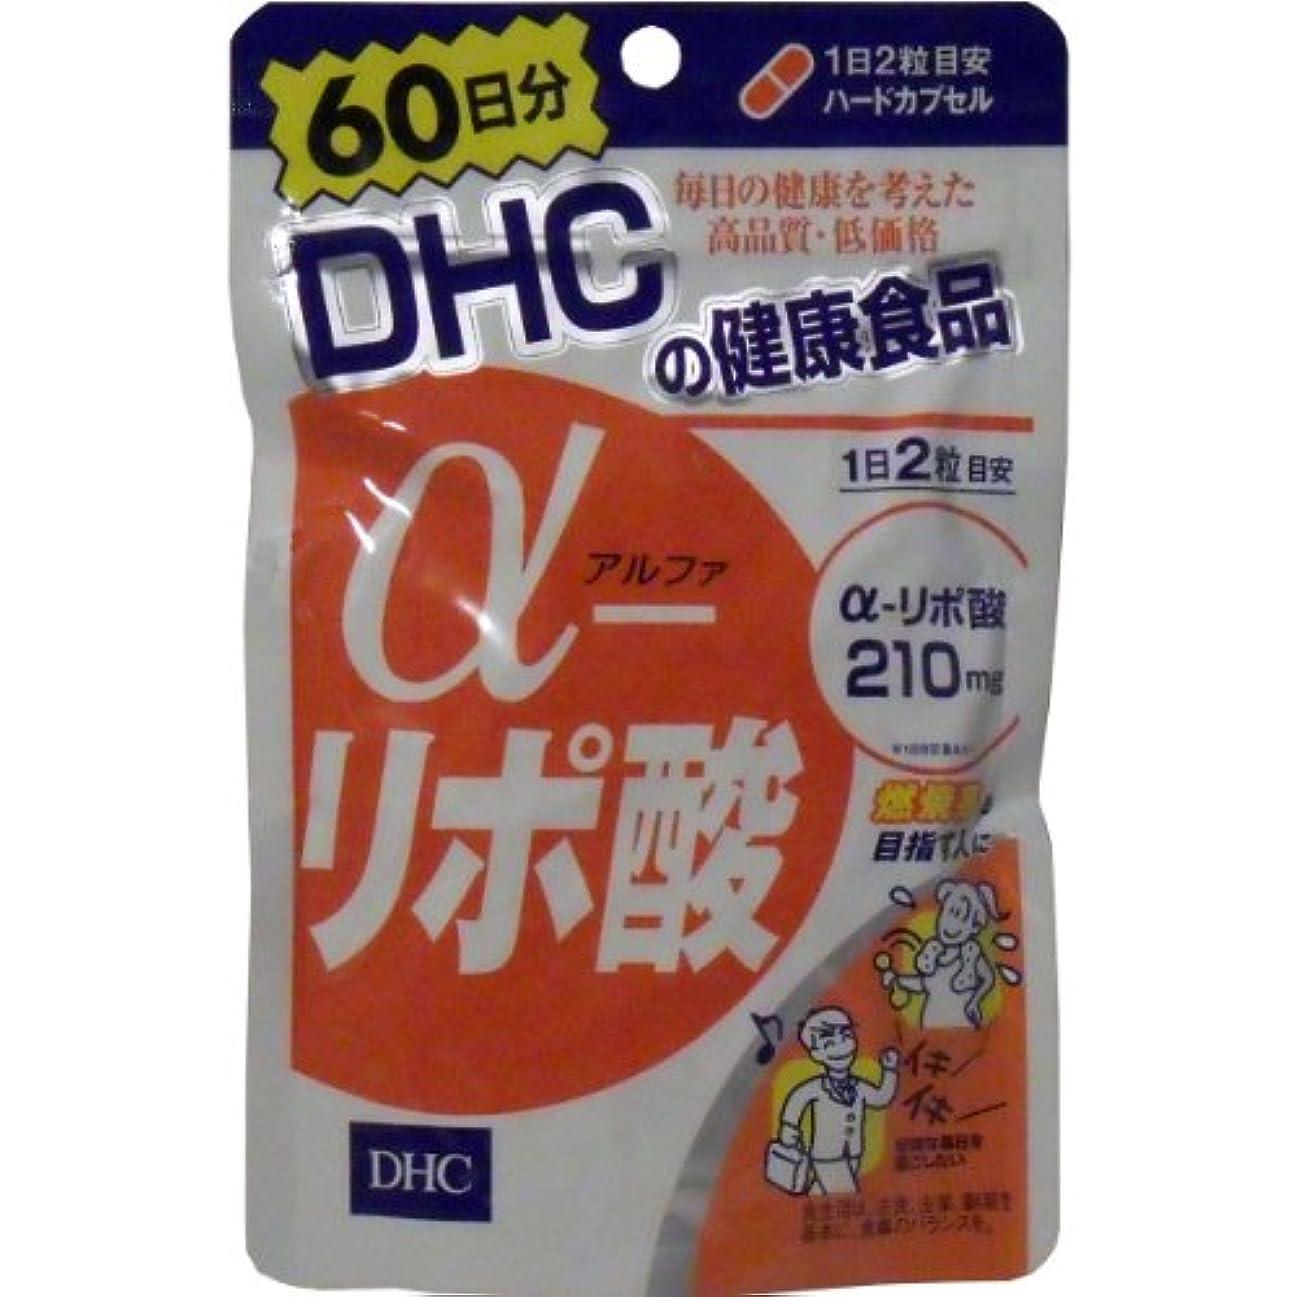 啓示気づかない行列DHC α-リポ酸 α-リポ酸は、もともと体内にあるエネルギー活性成分 120粒 60日分 【2個セット】